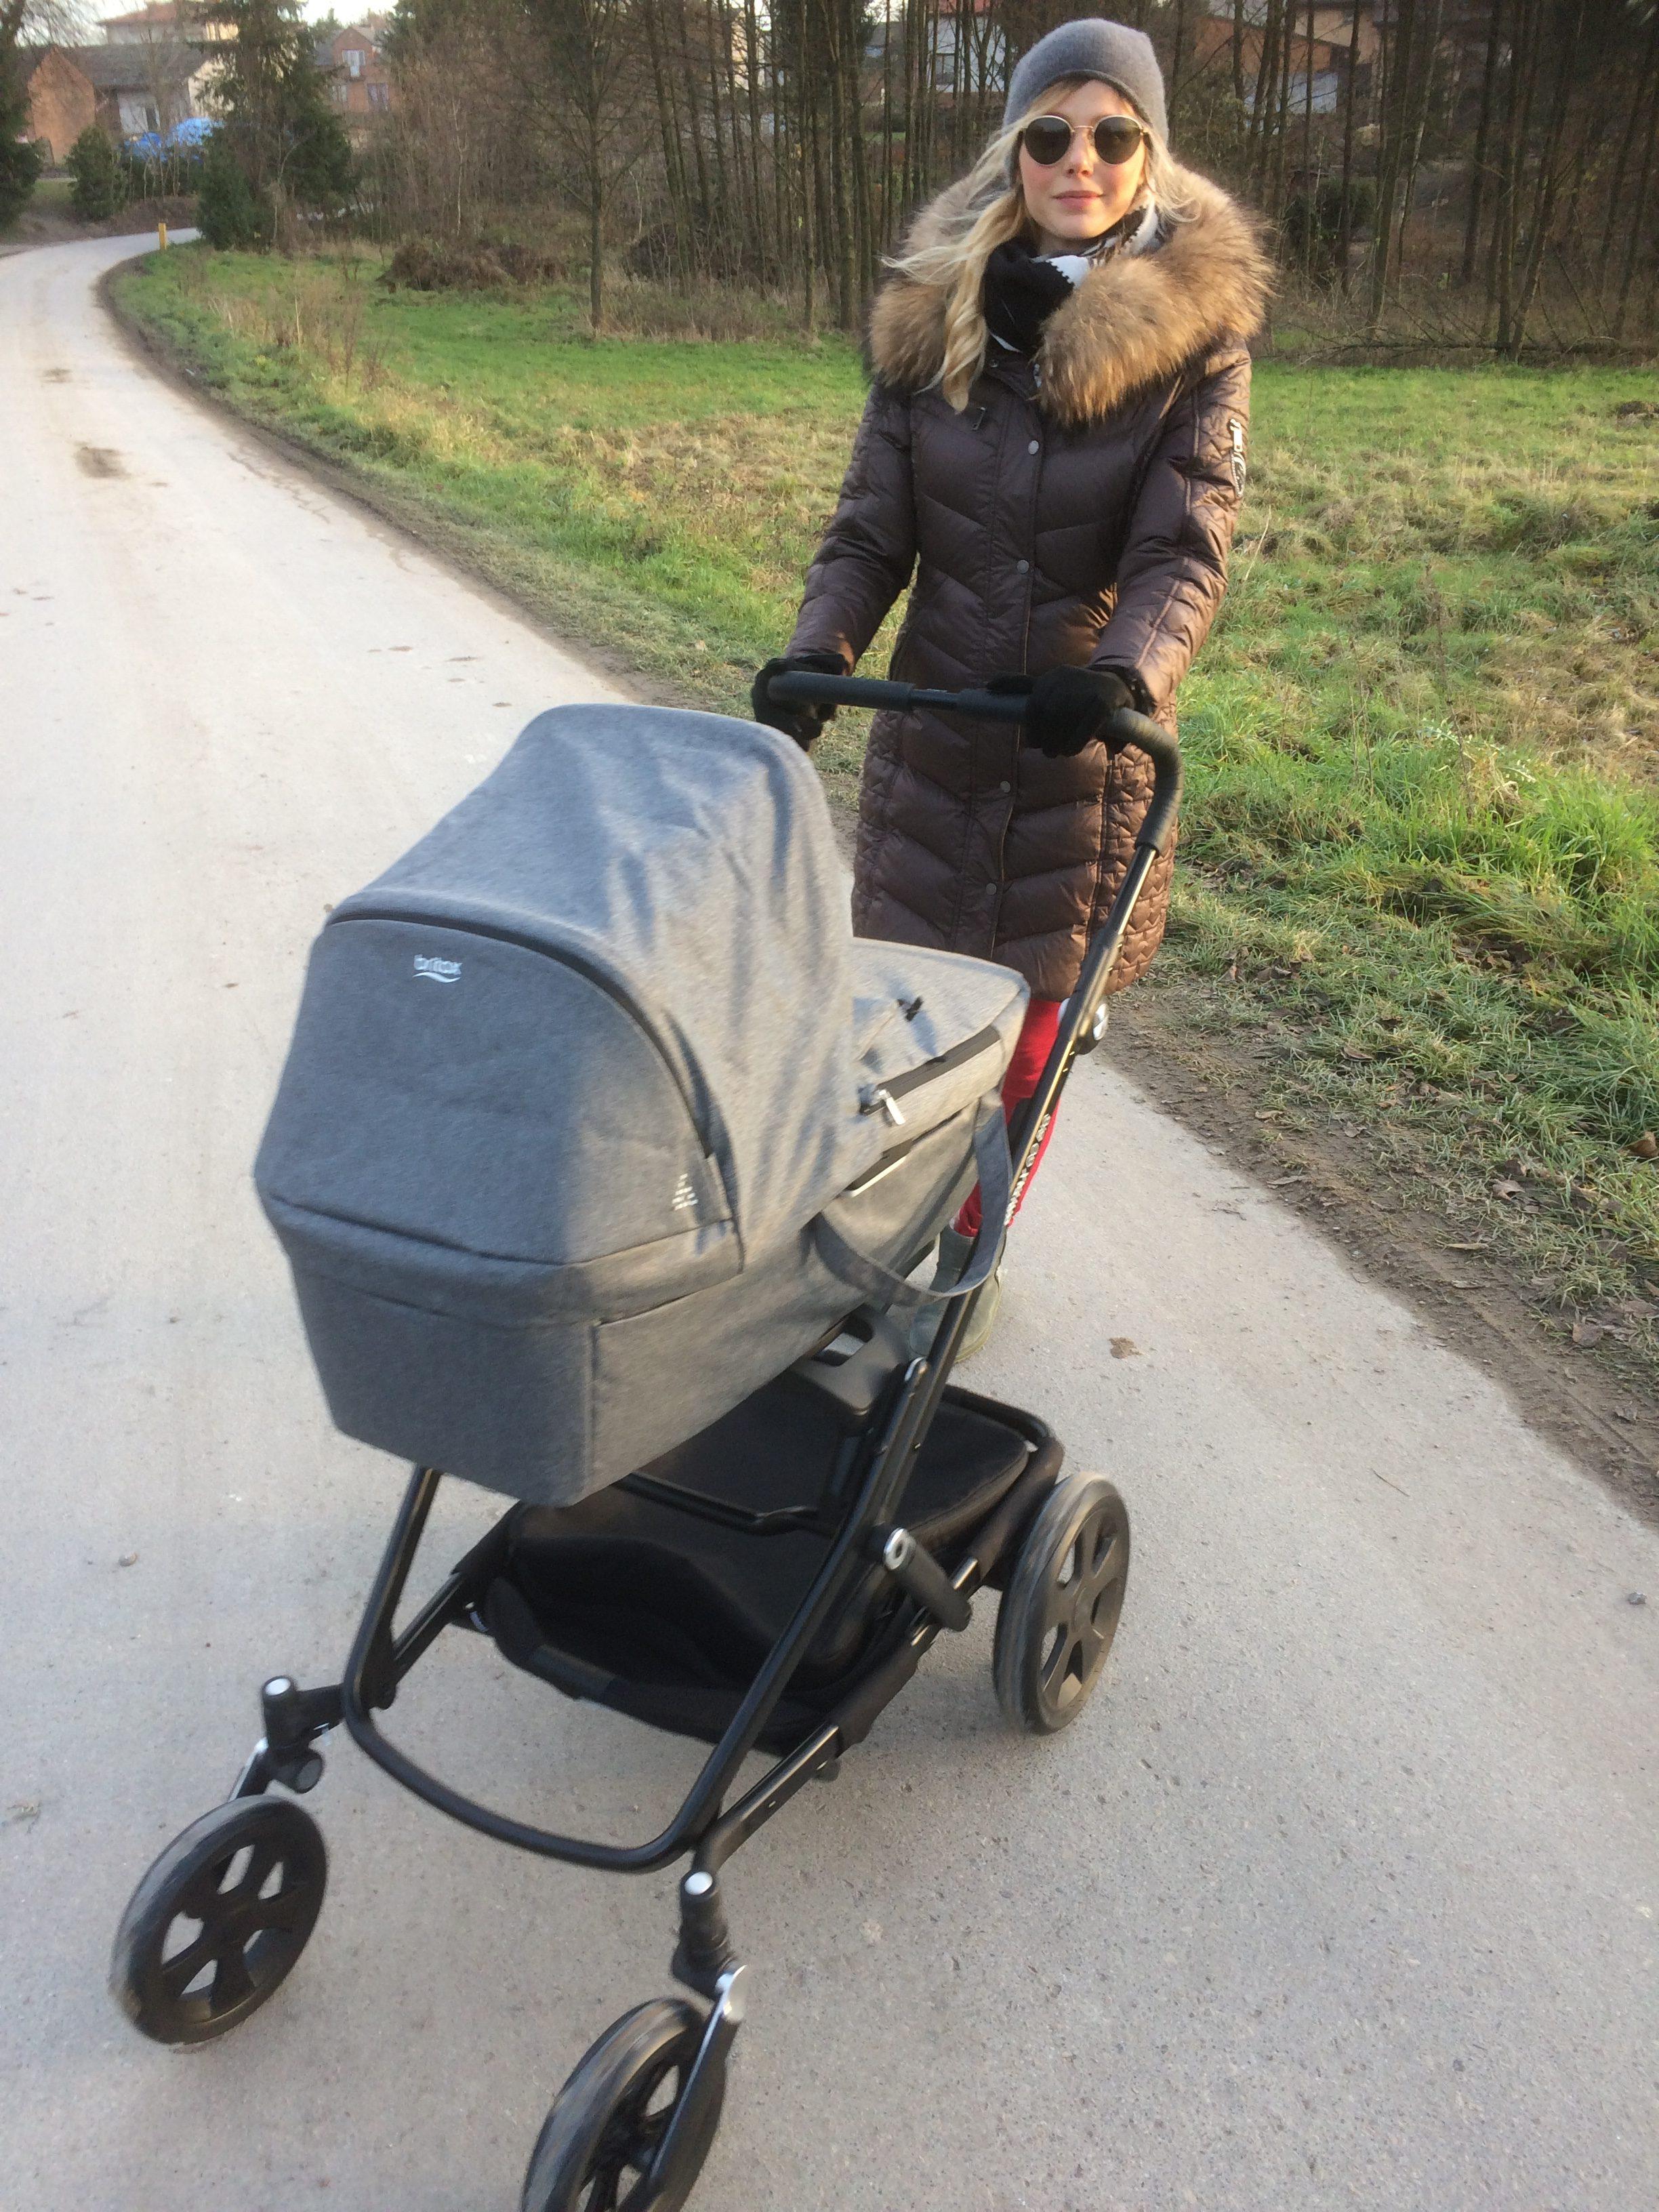 BlogStar: Izabela Zwierzyńska: Zmiany, zmiany, zmiany... - BlogStar.pl